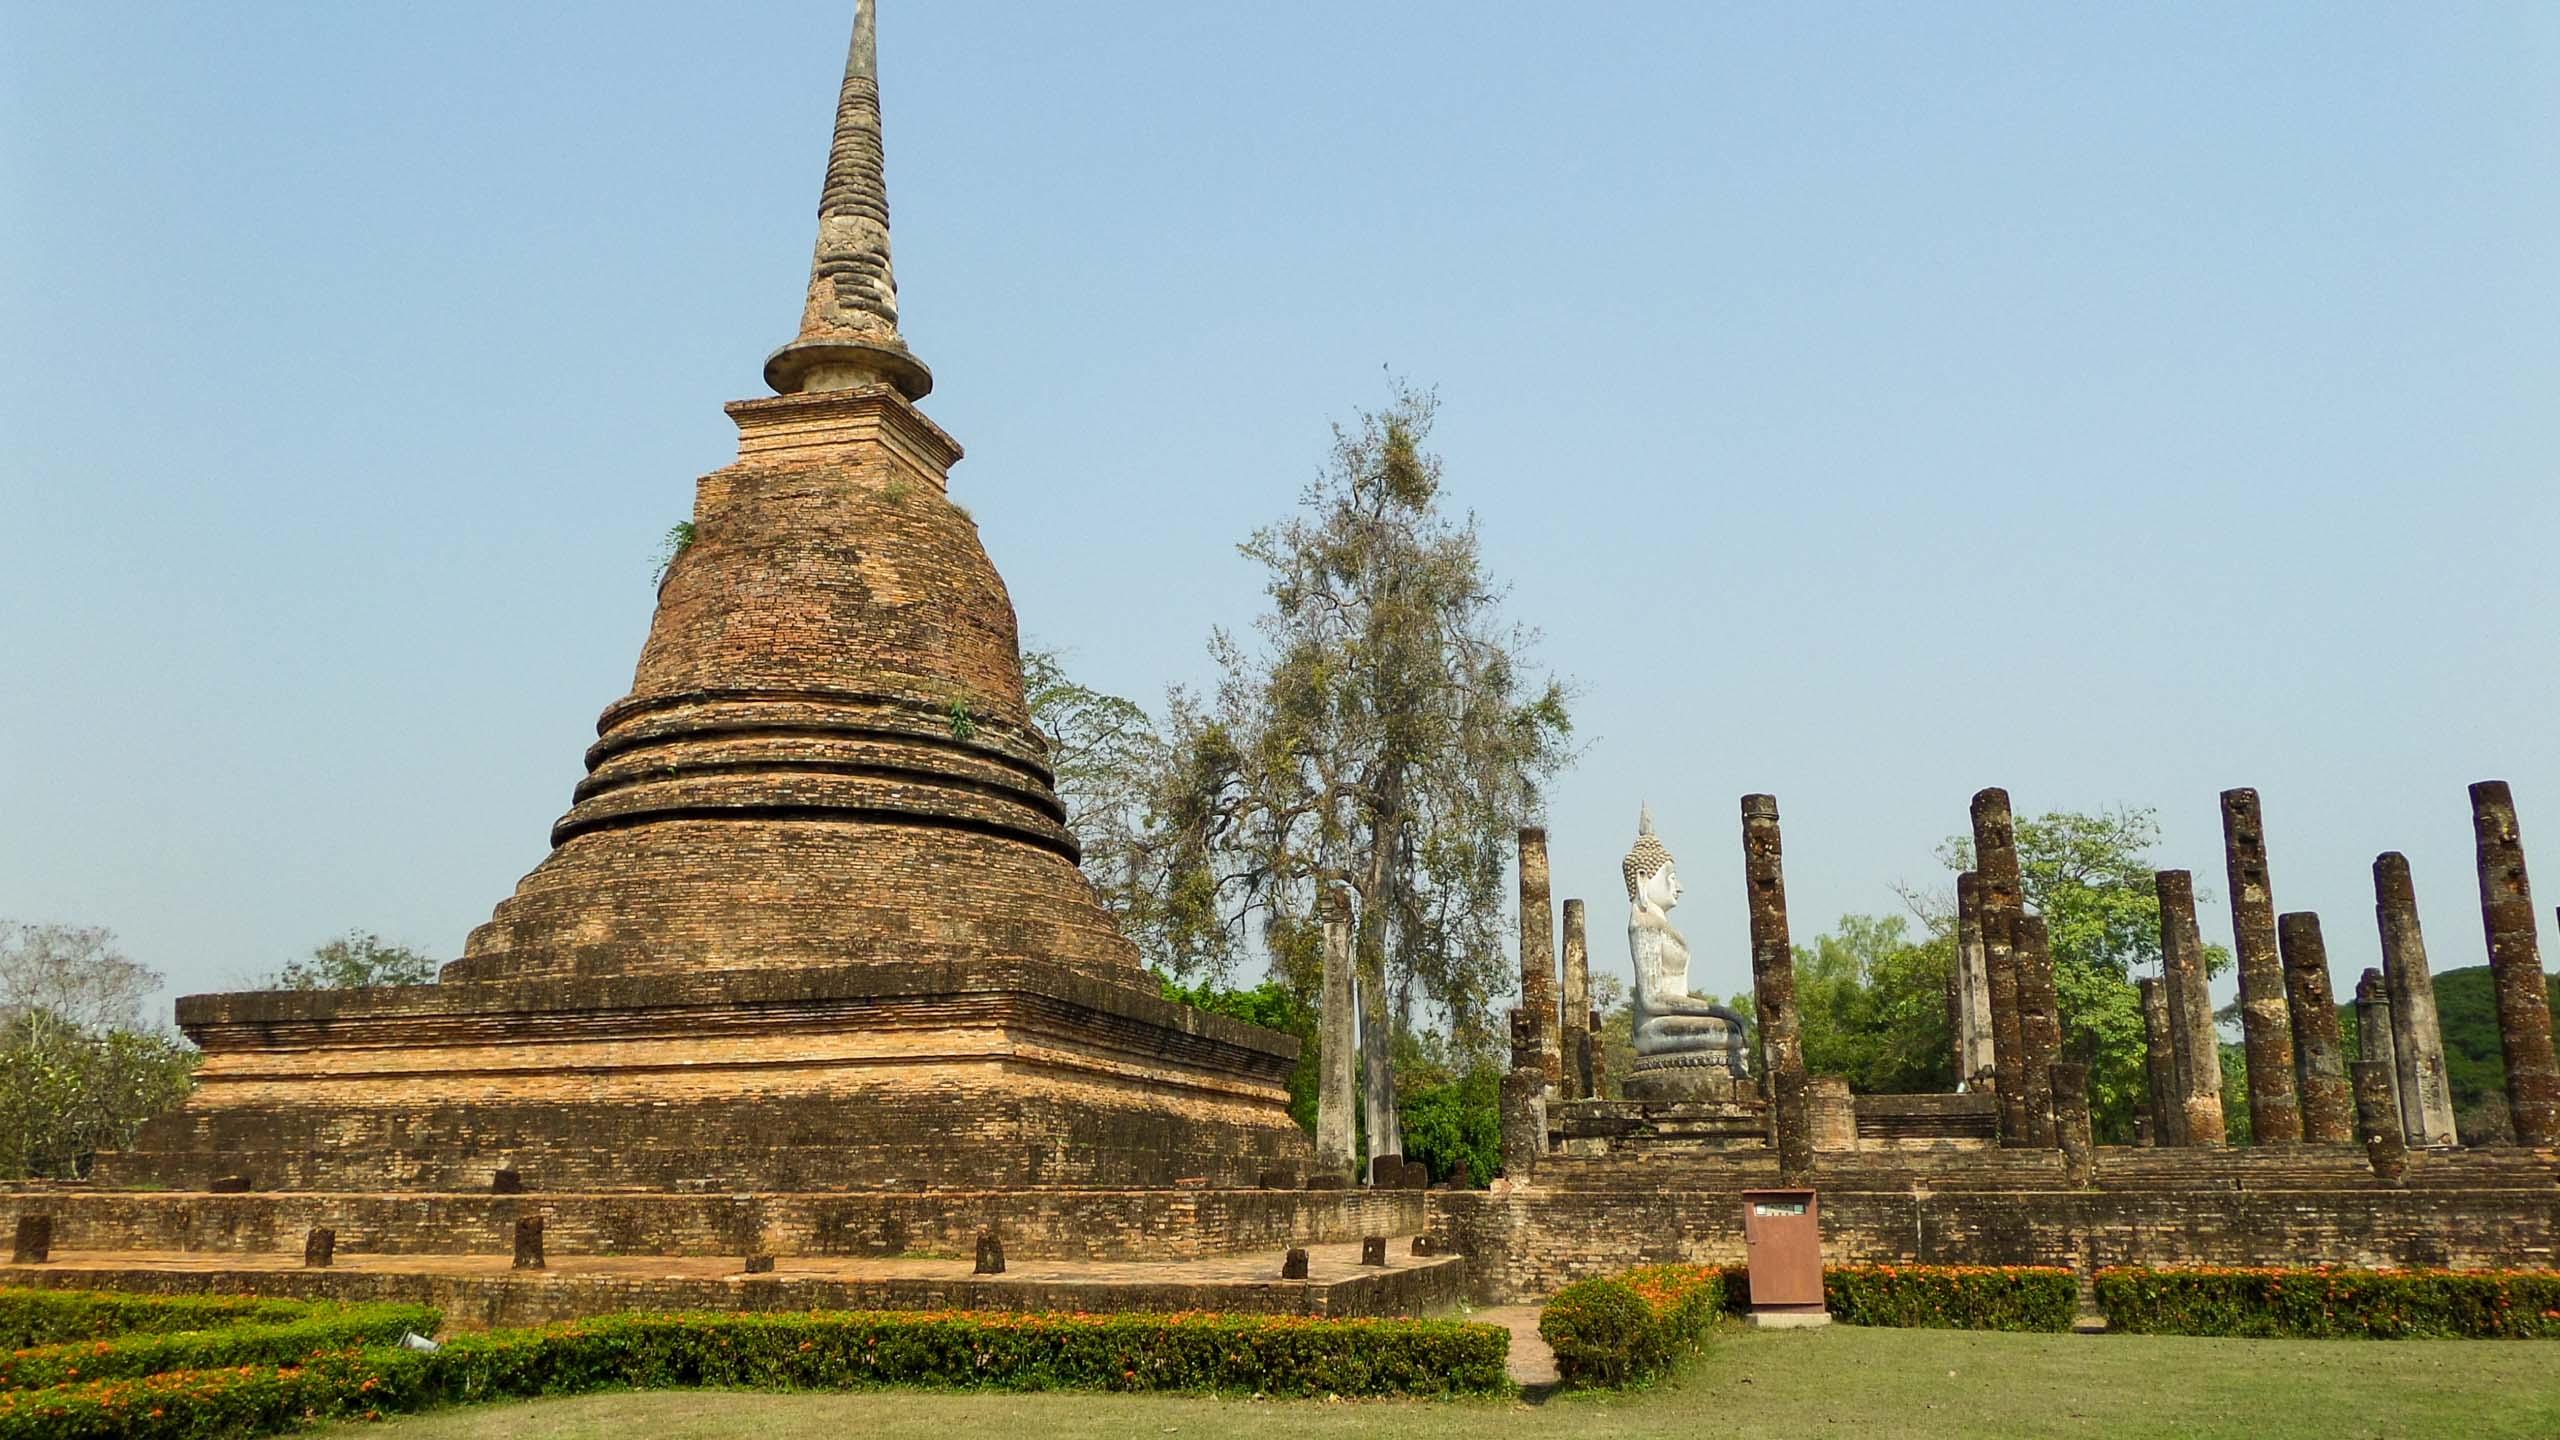 Sukhothai spires in Thailand